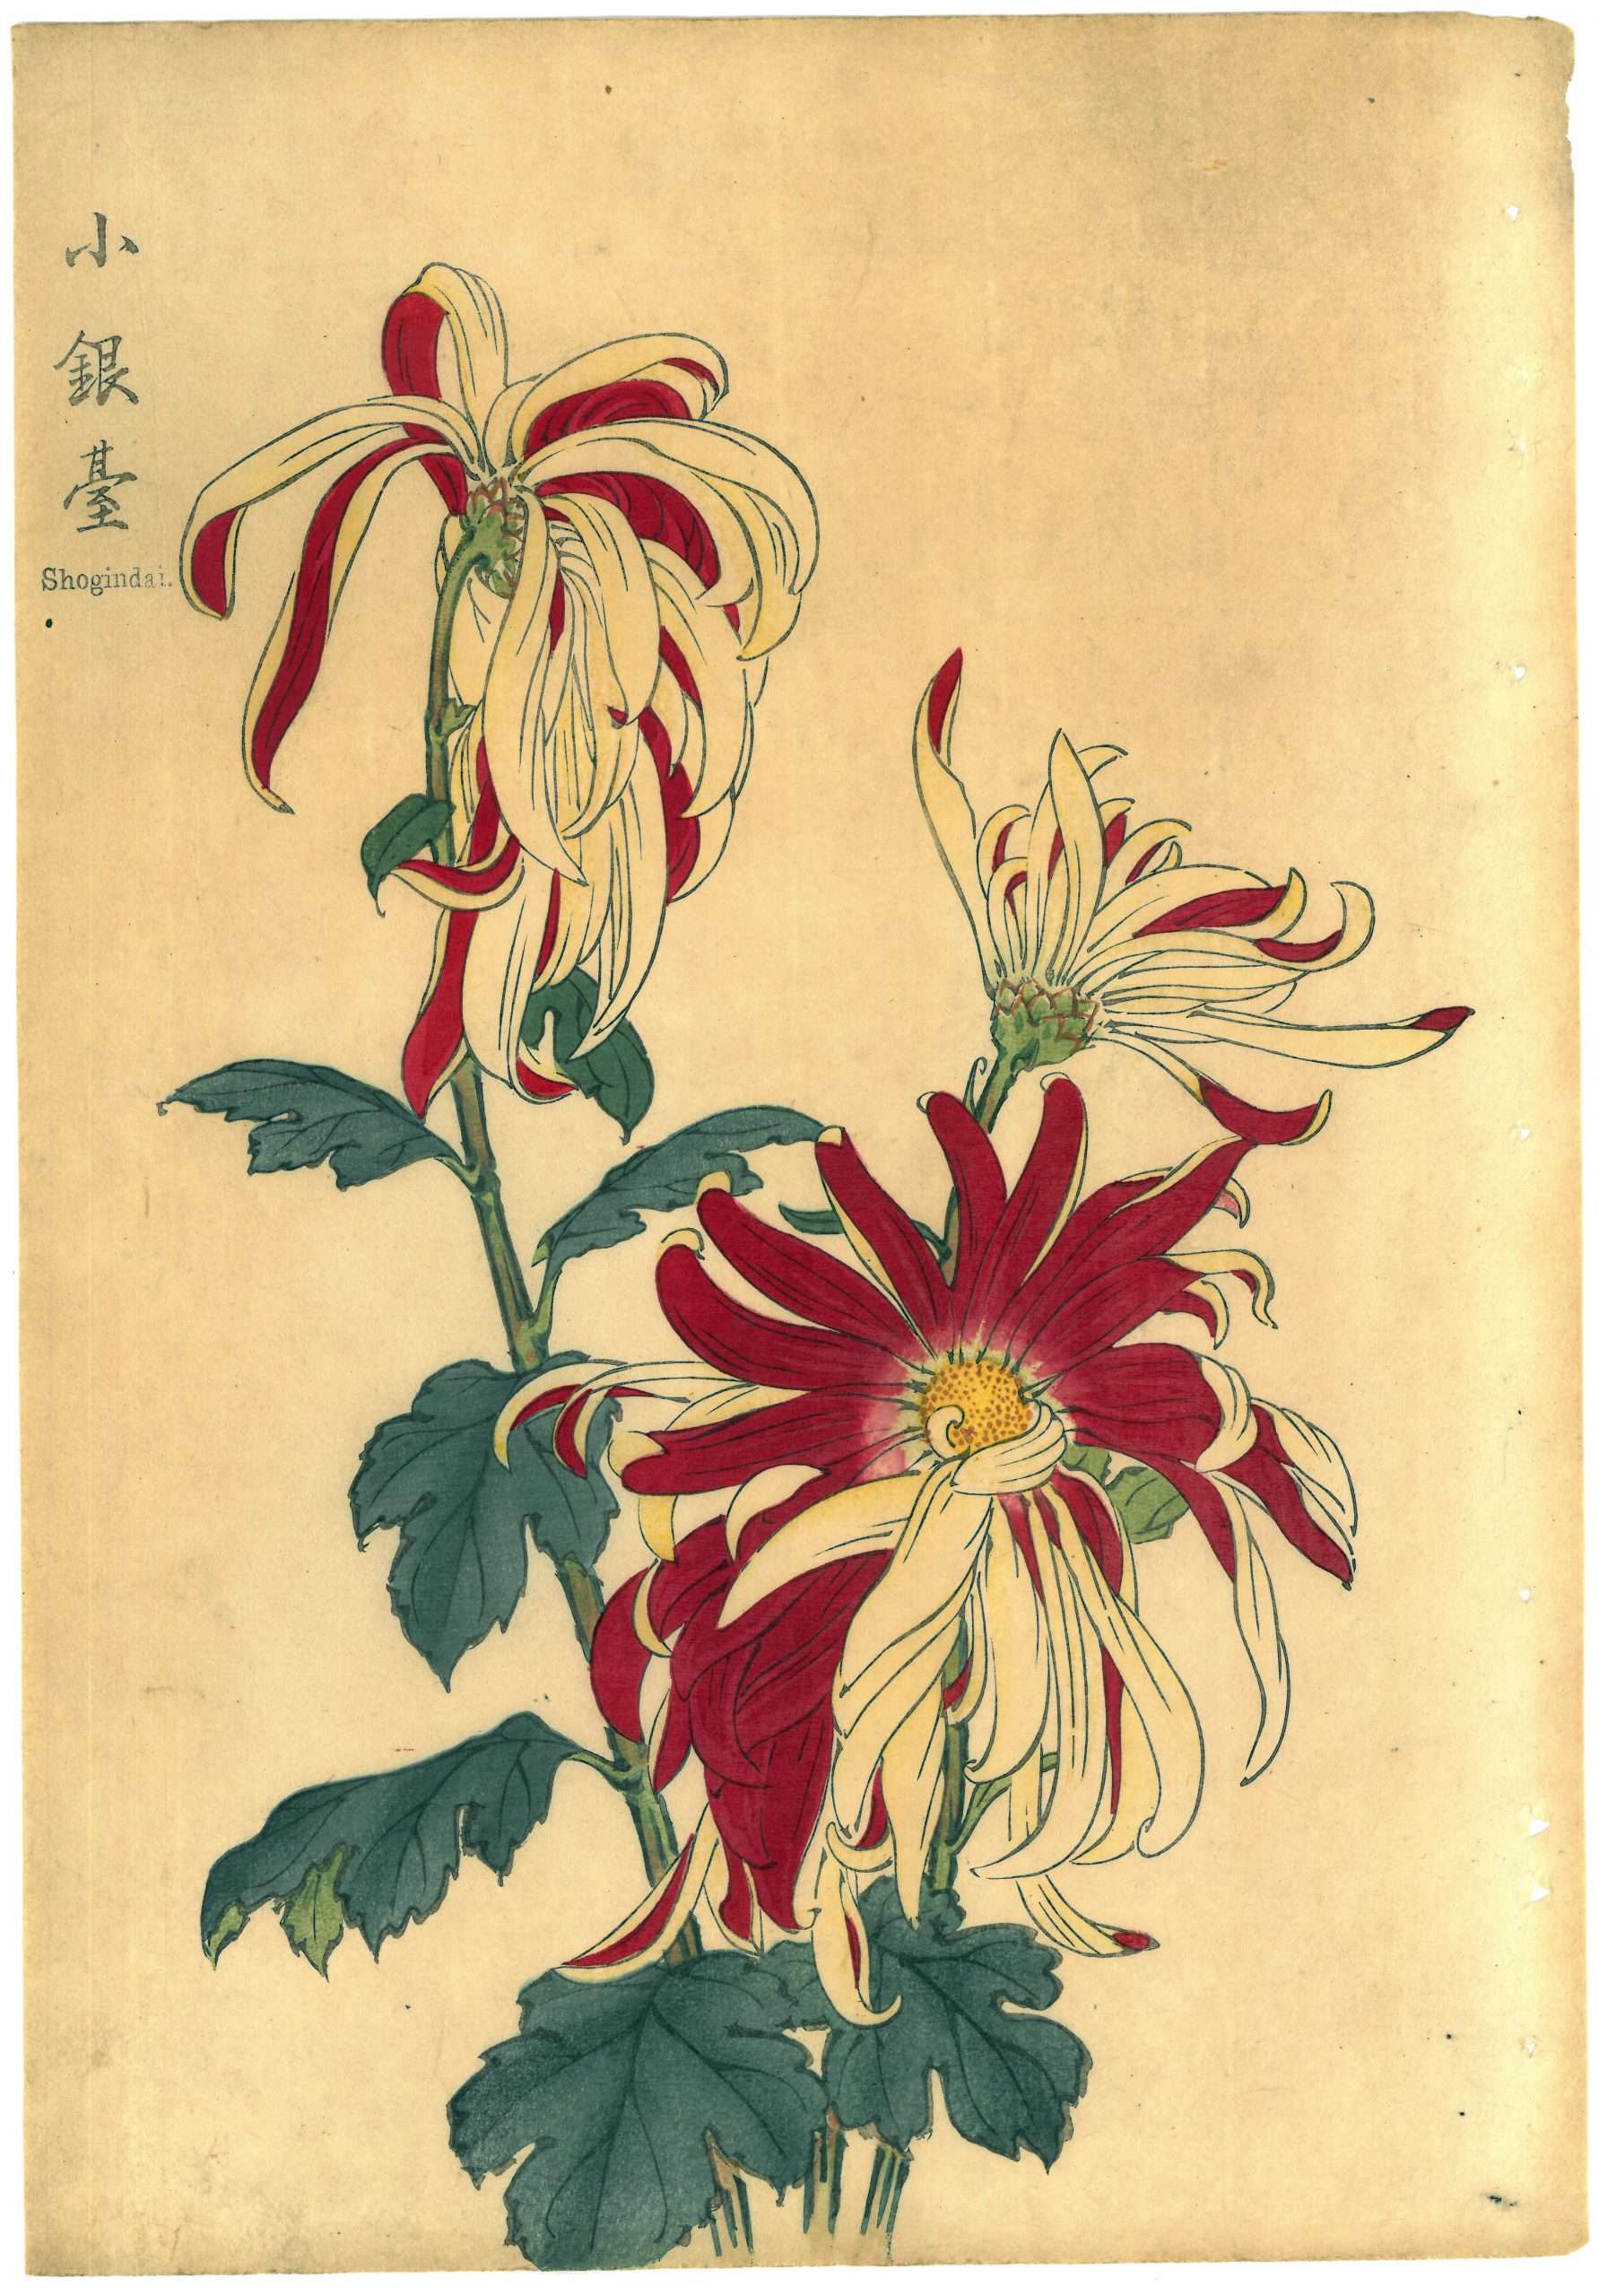 Keika Hasegawa – Shogindai, 1893 (From One Hundred Chrysanthemums Series)